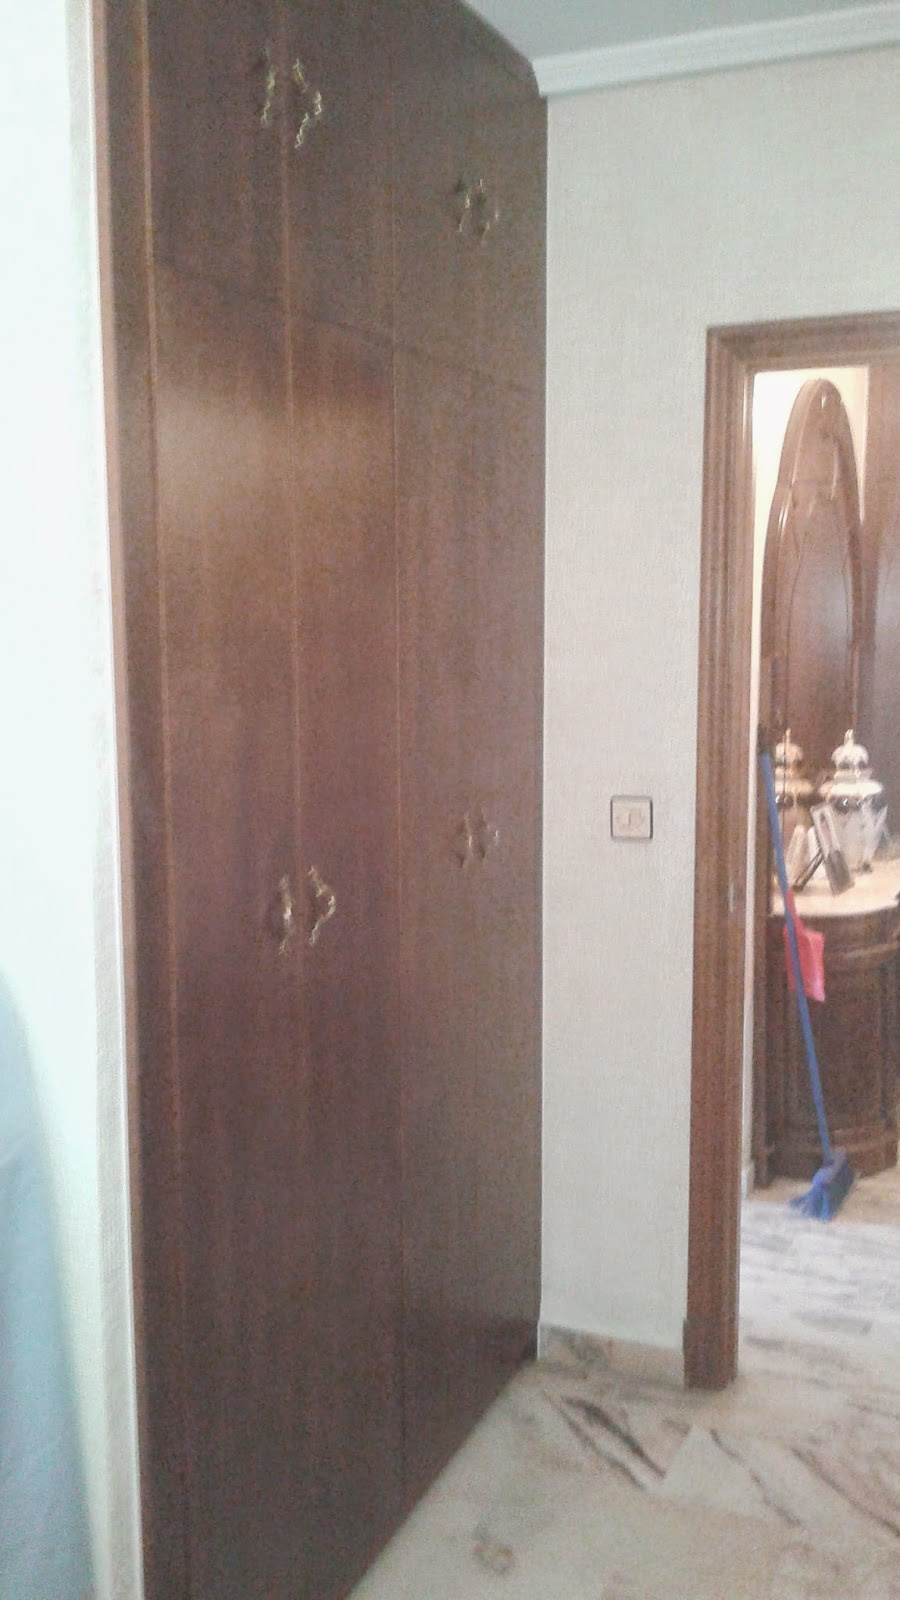 Nea muebles a medida montaje armario a medida chapa de - Armarios de chapa ...